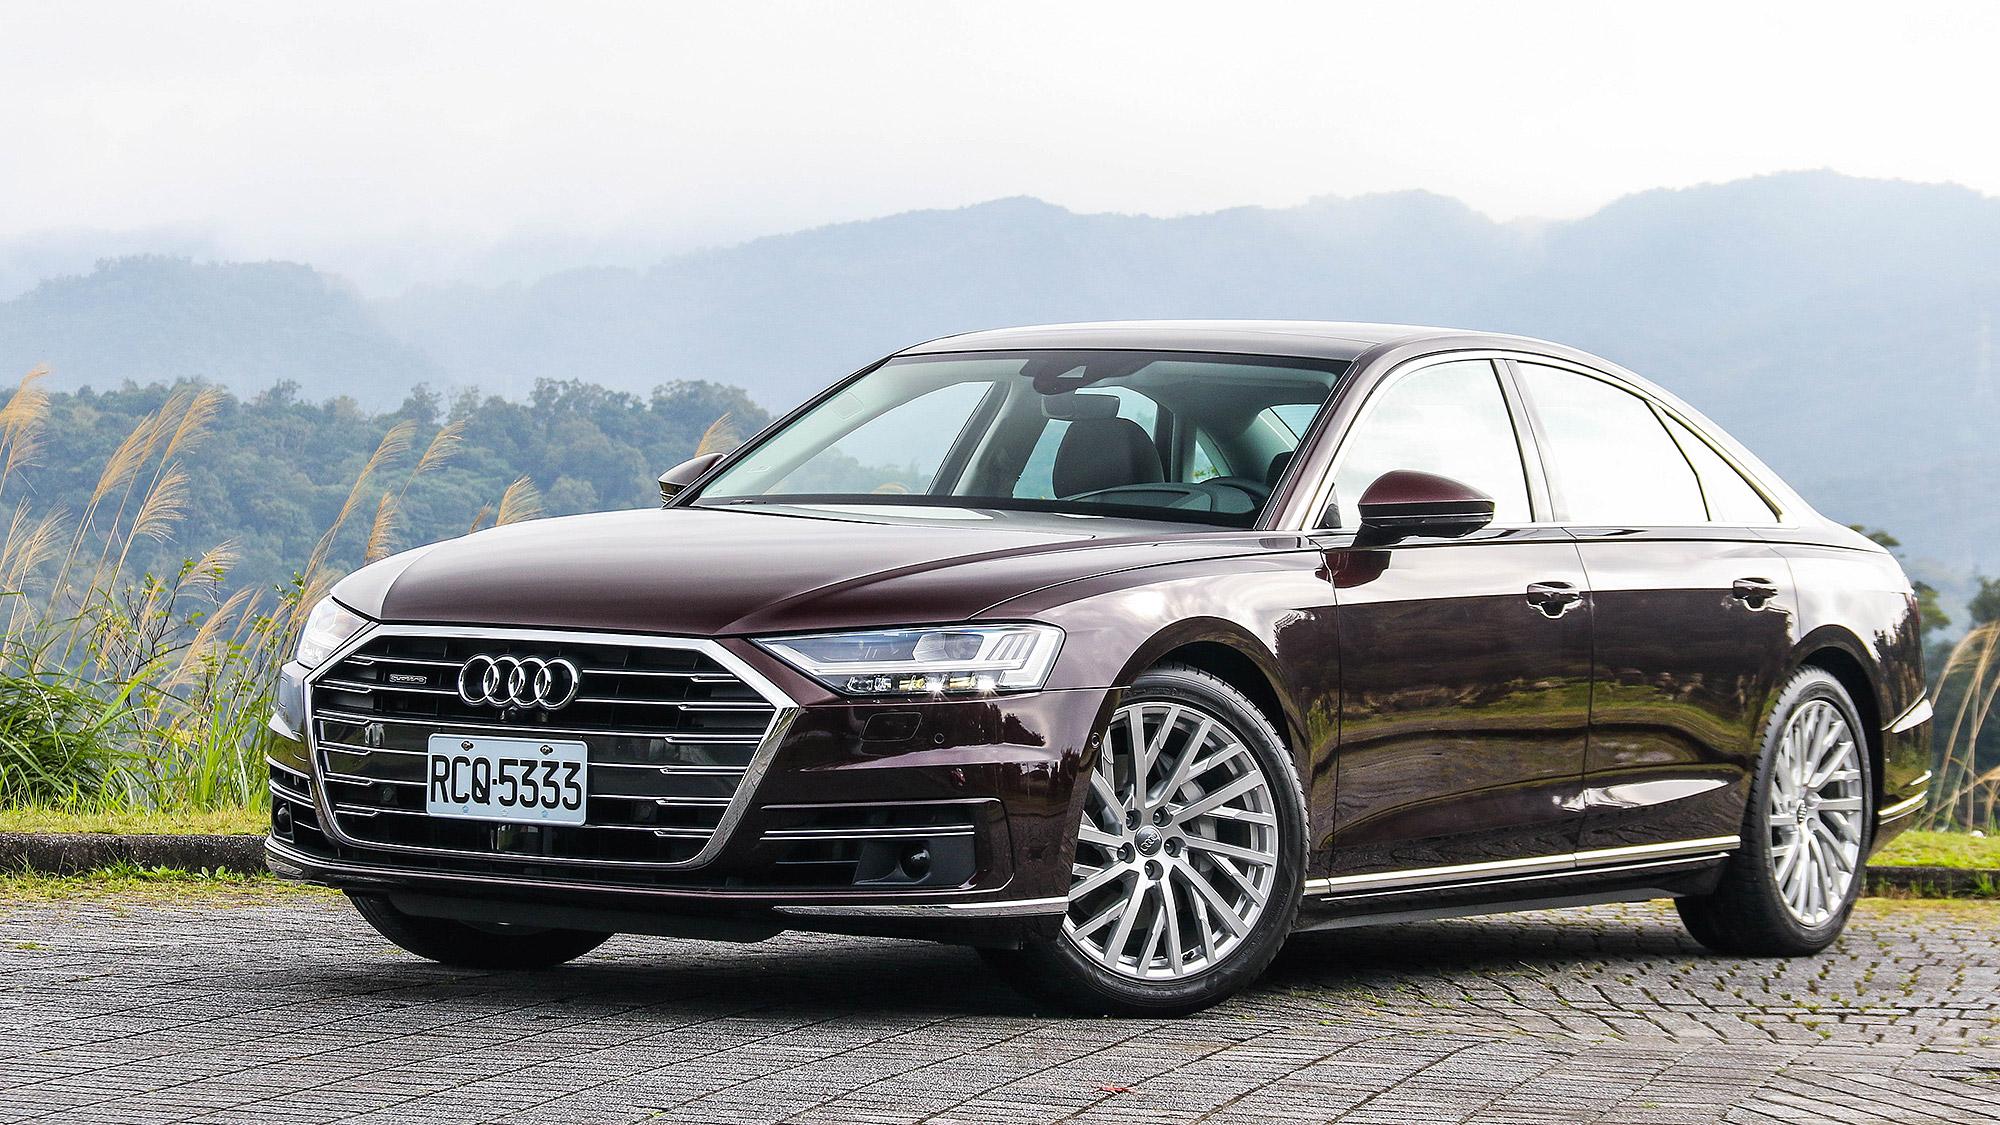 不只照明技術是亮點, Audi A8 50 TDI quattro 更值得多瞧幾眼